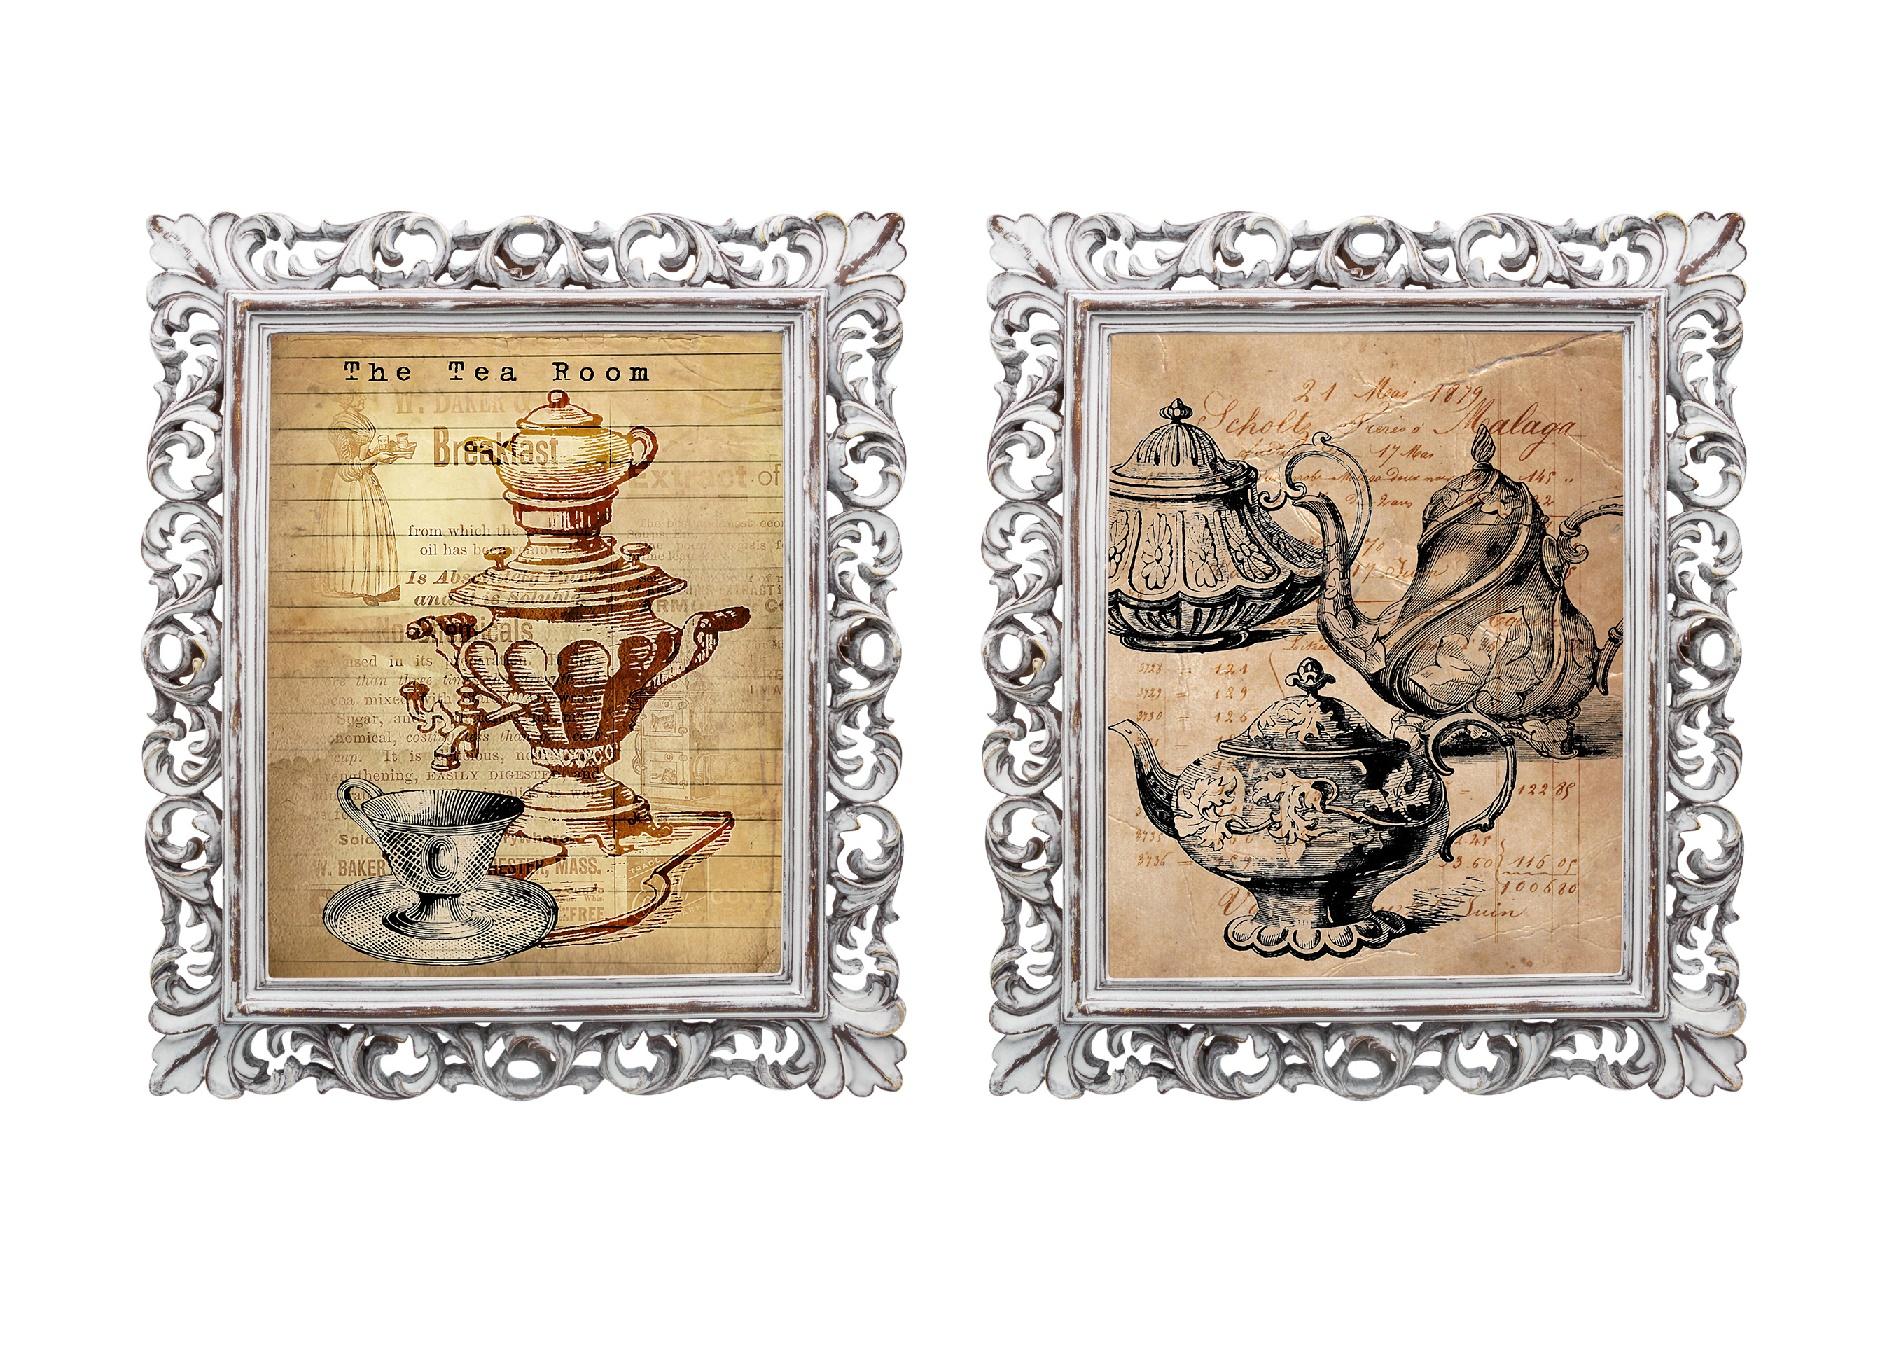 Набор из двух репродукций старинных картин в раме Мадлен. Чайная церемонияКартины<br>Уникальные старинные гравюры &amp;quot;Чайная церемония&amp;quot; в окружении изящных рам создают особую романтическую атмосферу. Плавные линии витиеватых рам и винтажные завораживают и намекают на то, что путешествие во времени не так уж и сложно. Изображения обрамлены ажурными рамами, искусная техника состаривания придает изделию особую теплоту и загадочность. Благородная патина на поверхности рамы — интригующее приглашение к прогулке в мир старинных реликвий! Изображение картины наполнено уникальными эмоциями и тайной, скрытой под кристально прозрачным стеклом. Картину можно повесить на стену, а можно поставить, например, на стол или камин. Защитный стеклянный слой гарантирует долгую жизнь прекрасному изображению. А если Вам захочется обновить интерьер, Вы можете с легкостью заменить изображение картины!<br><br>Material: Бумага<br>Width см: 28,8<br>Depth см: 2,3<br>Height см: 33,8